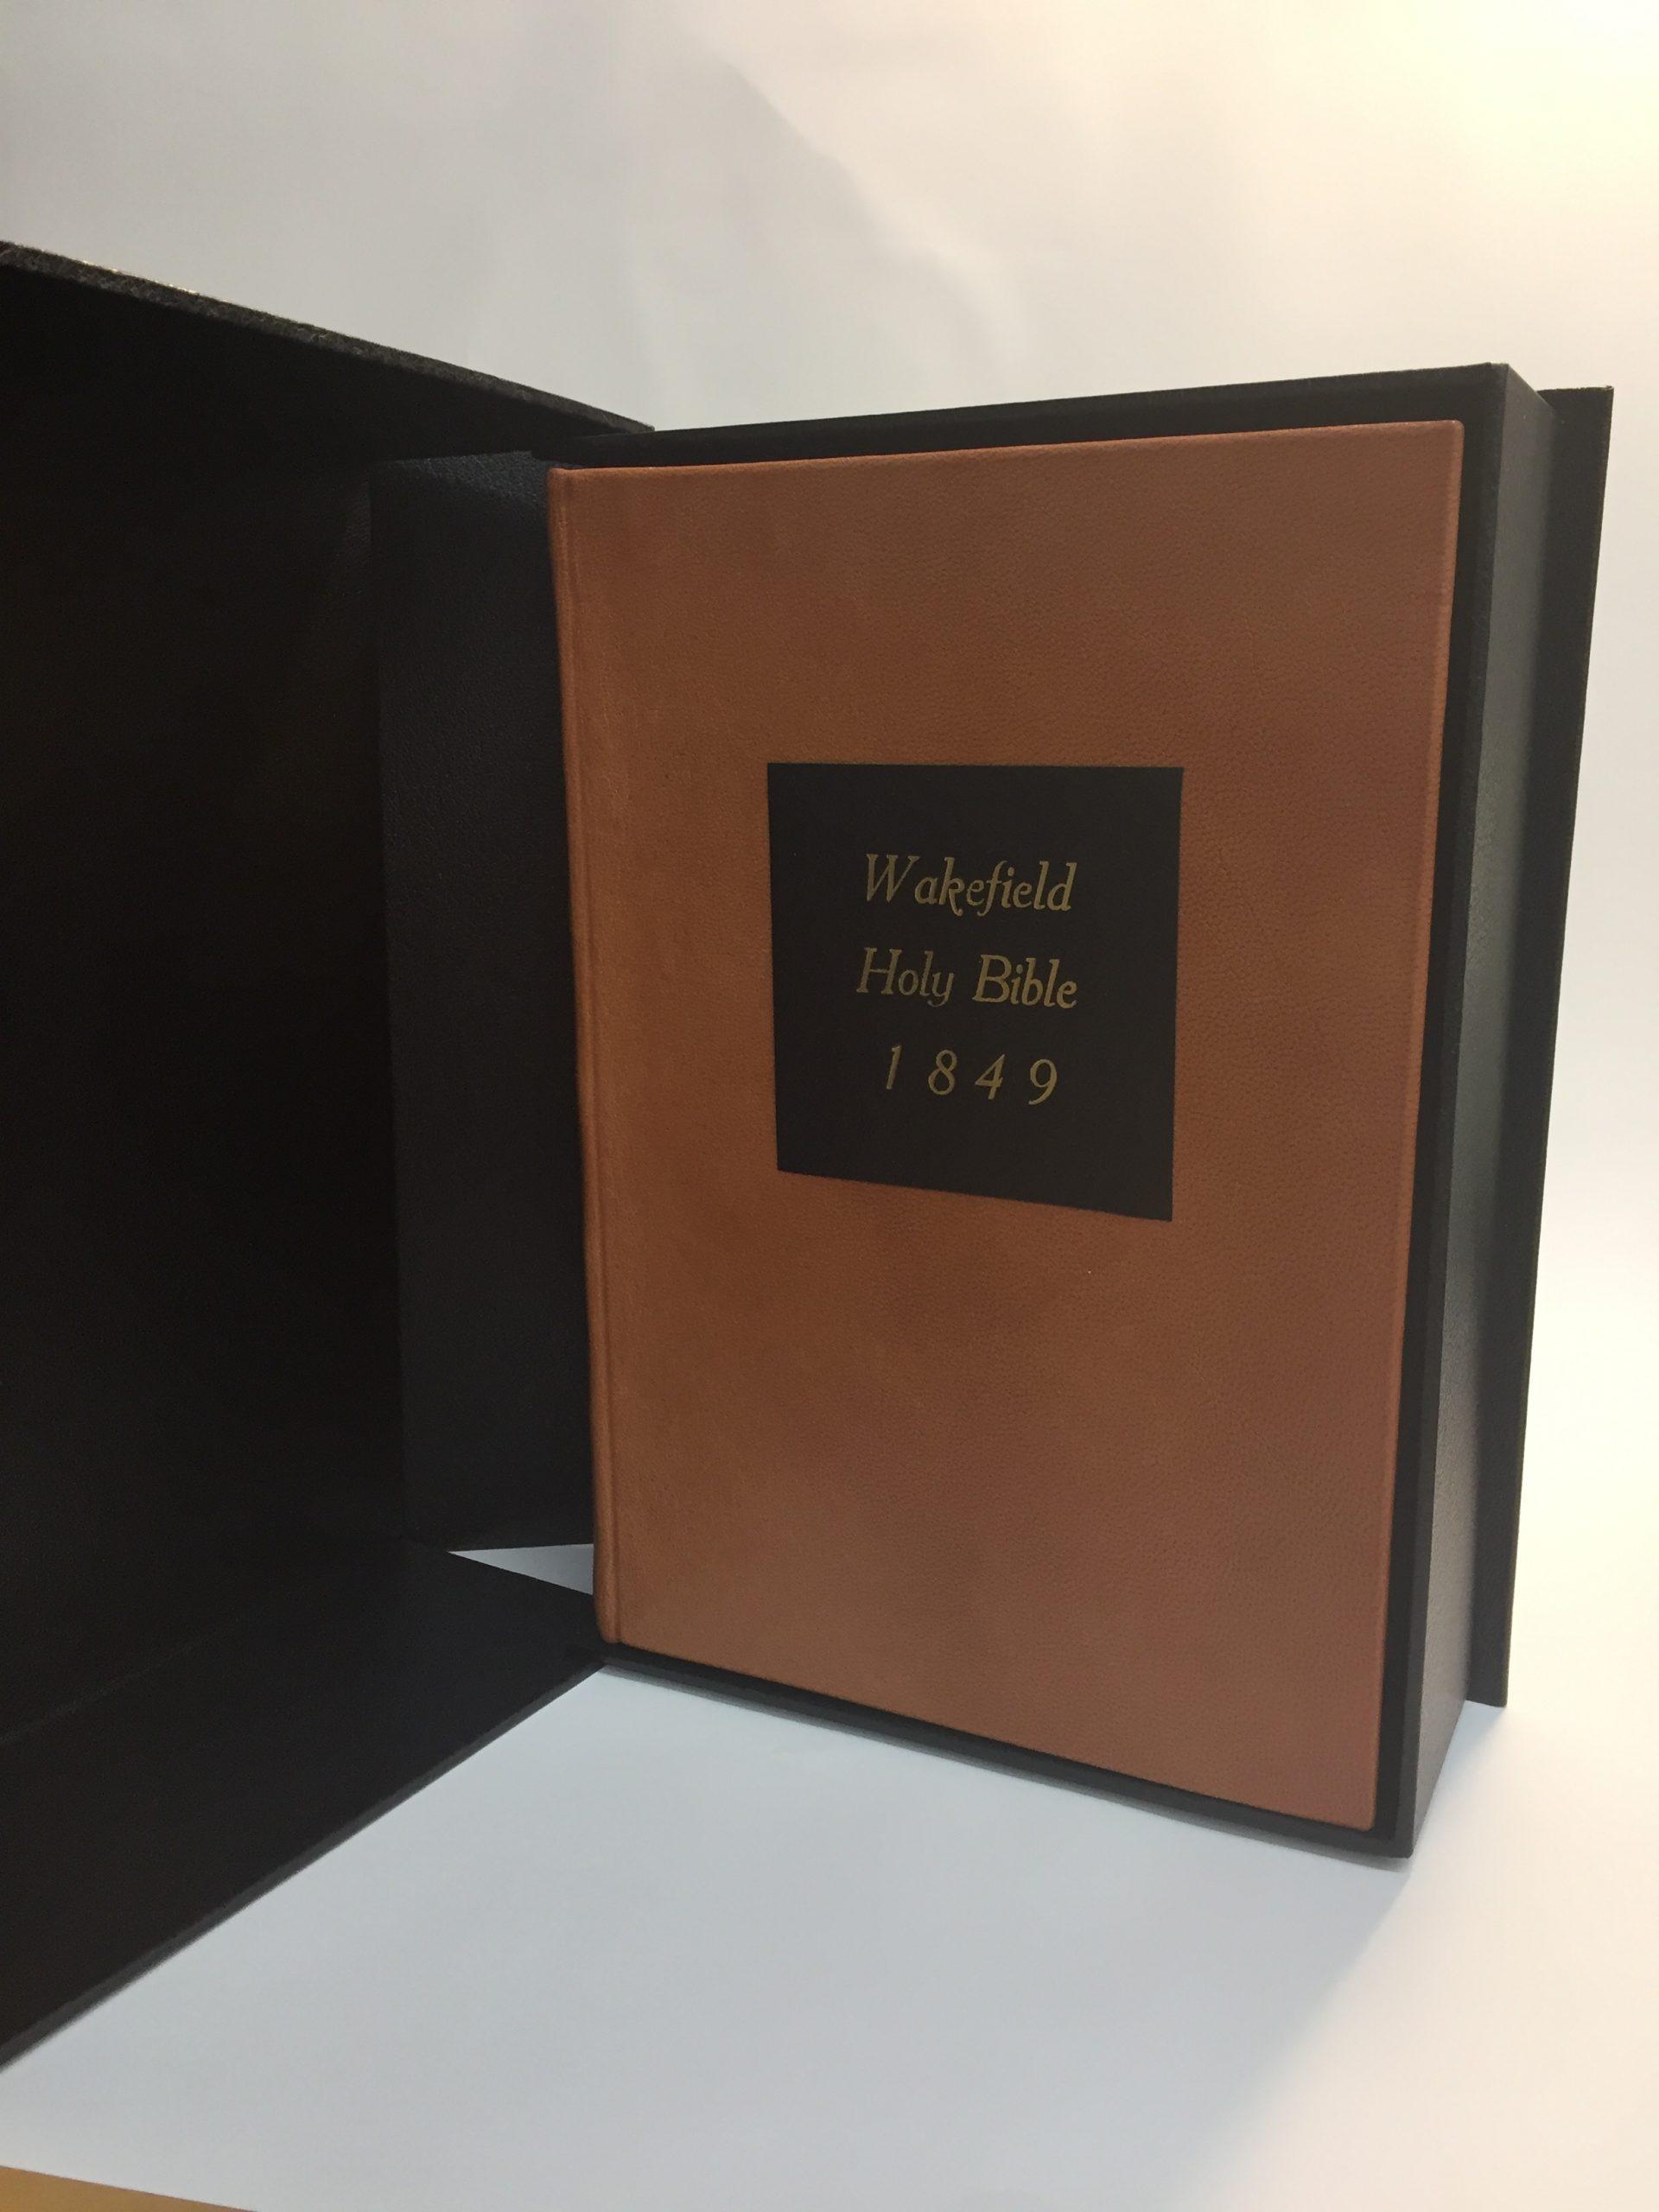 book-repair-bible-with-box